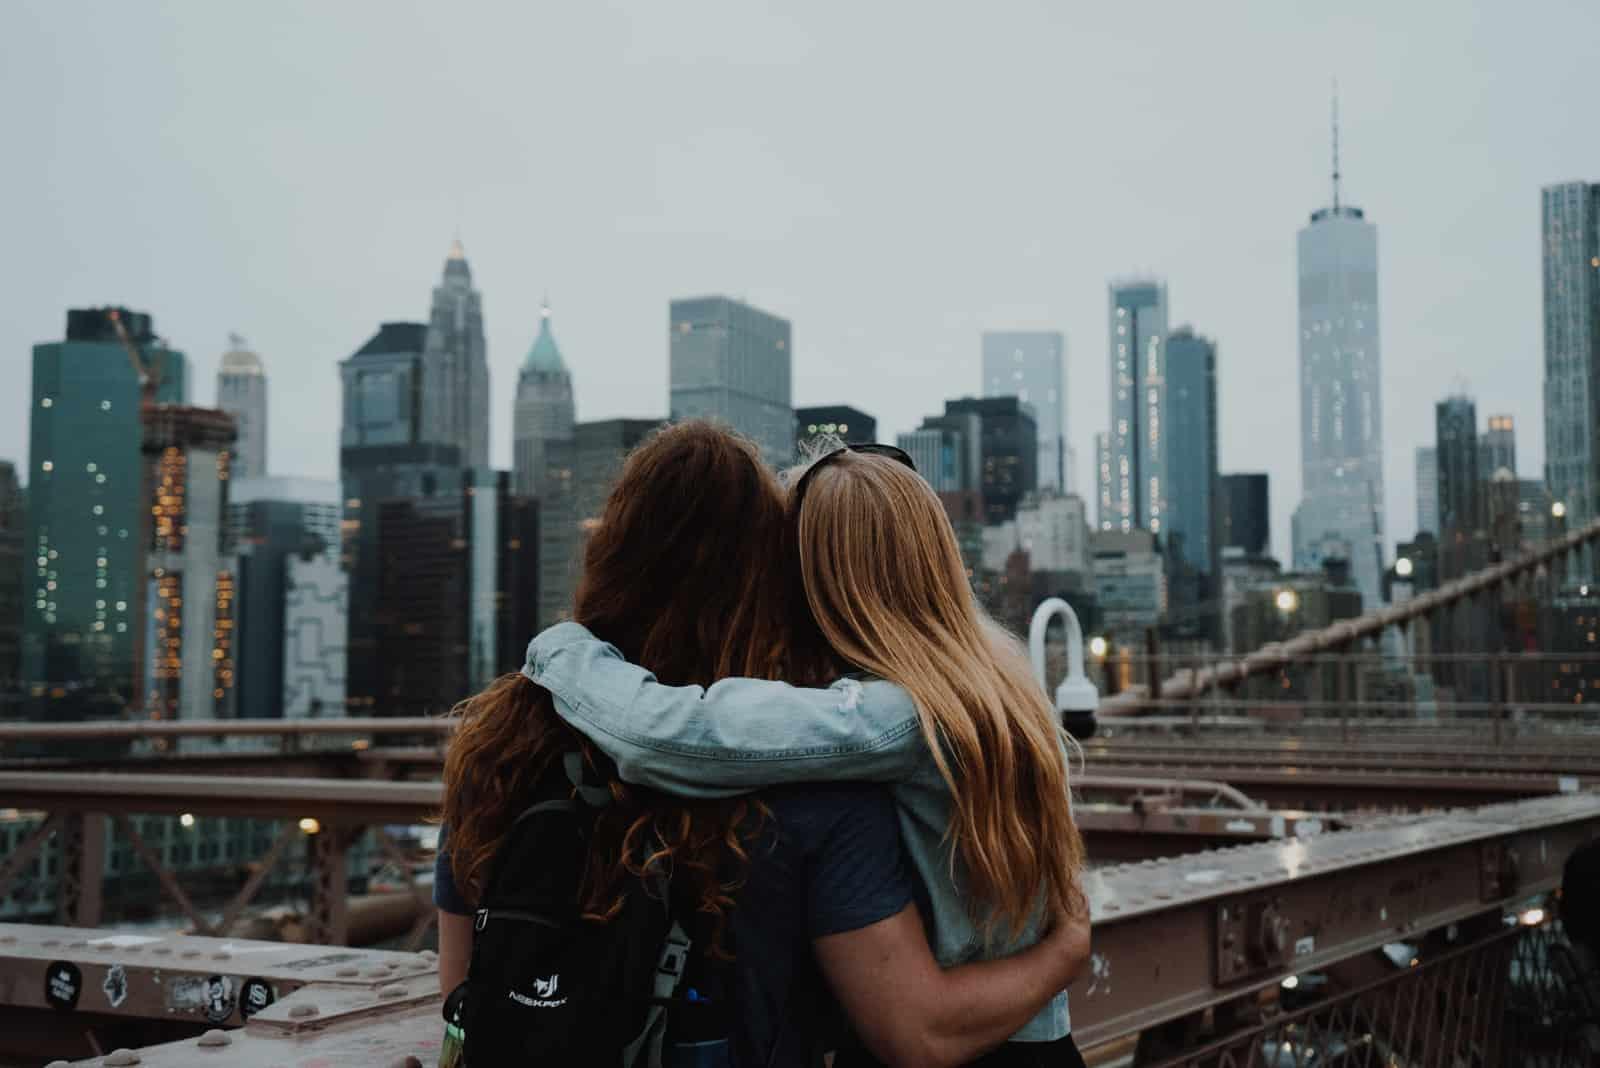 deux femmes s'embrassant sur un pont